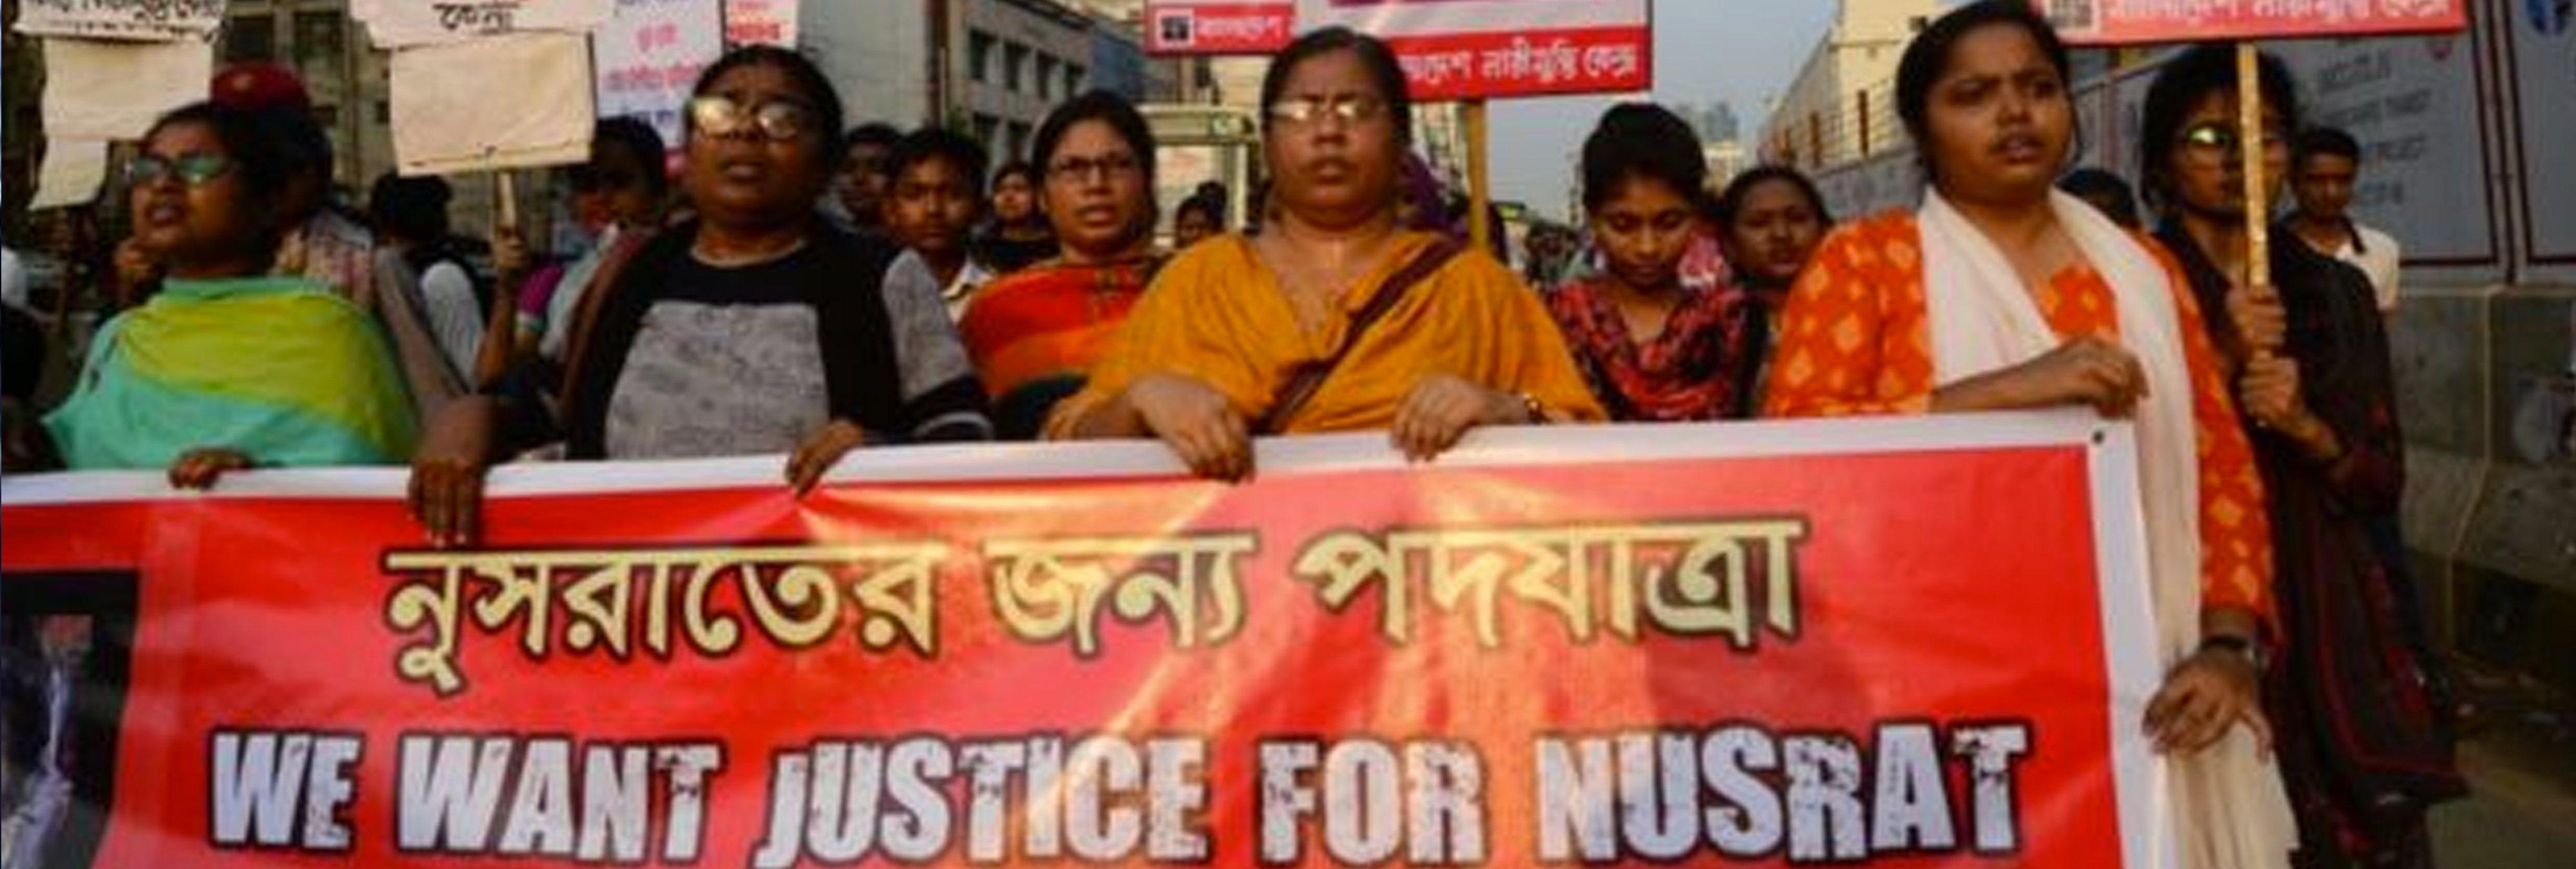 Queman viva a una joven en Bangladesh tras denunciar a su director por acoso sexual